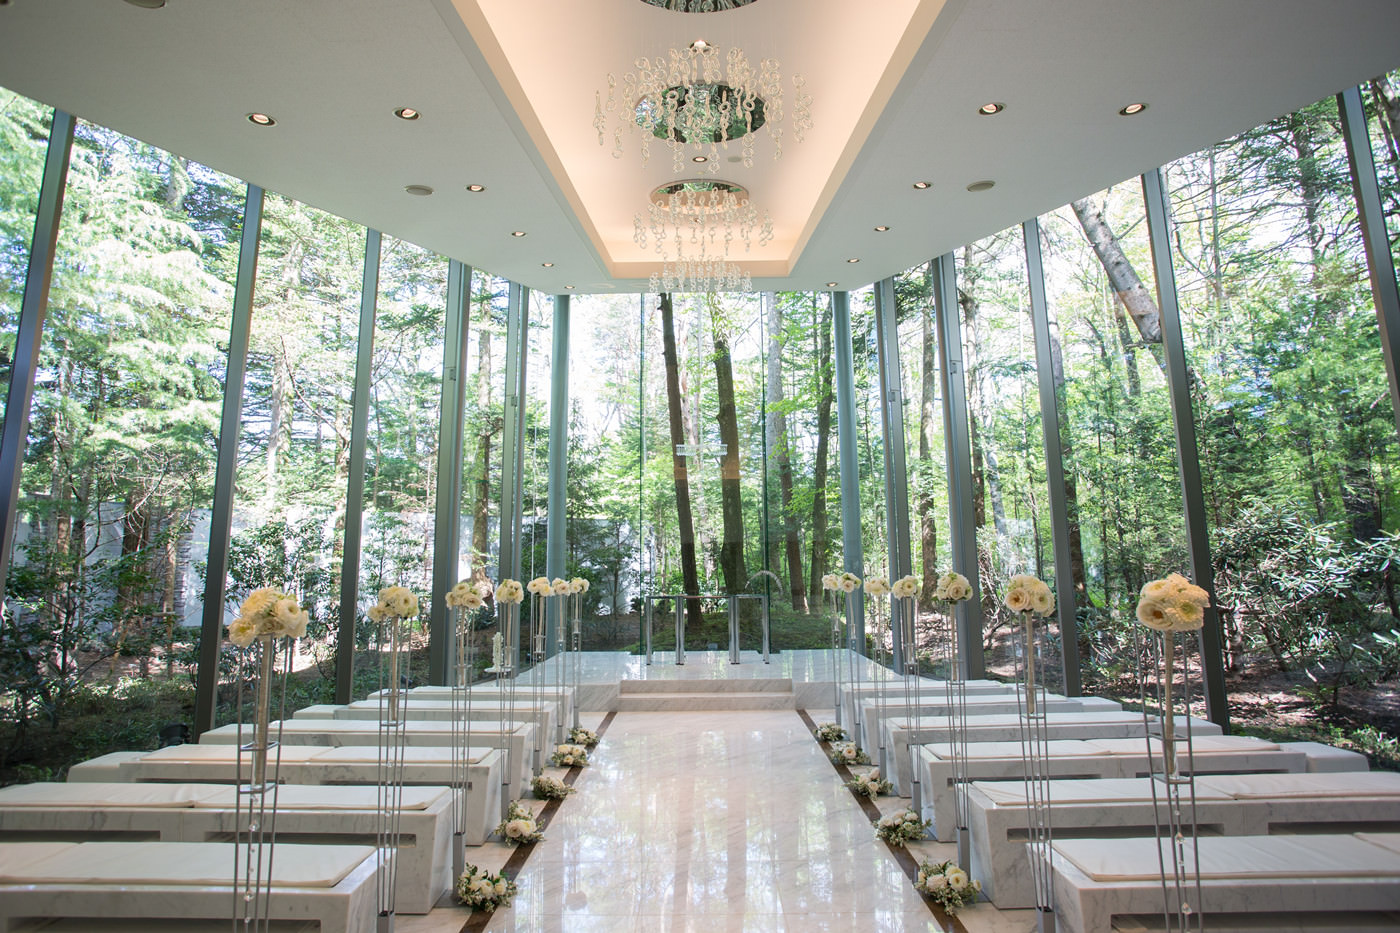 輕井澤 森之美教堂